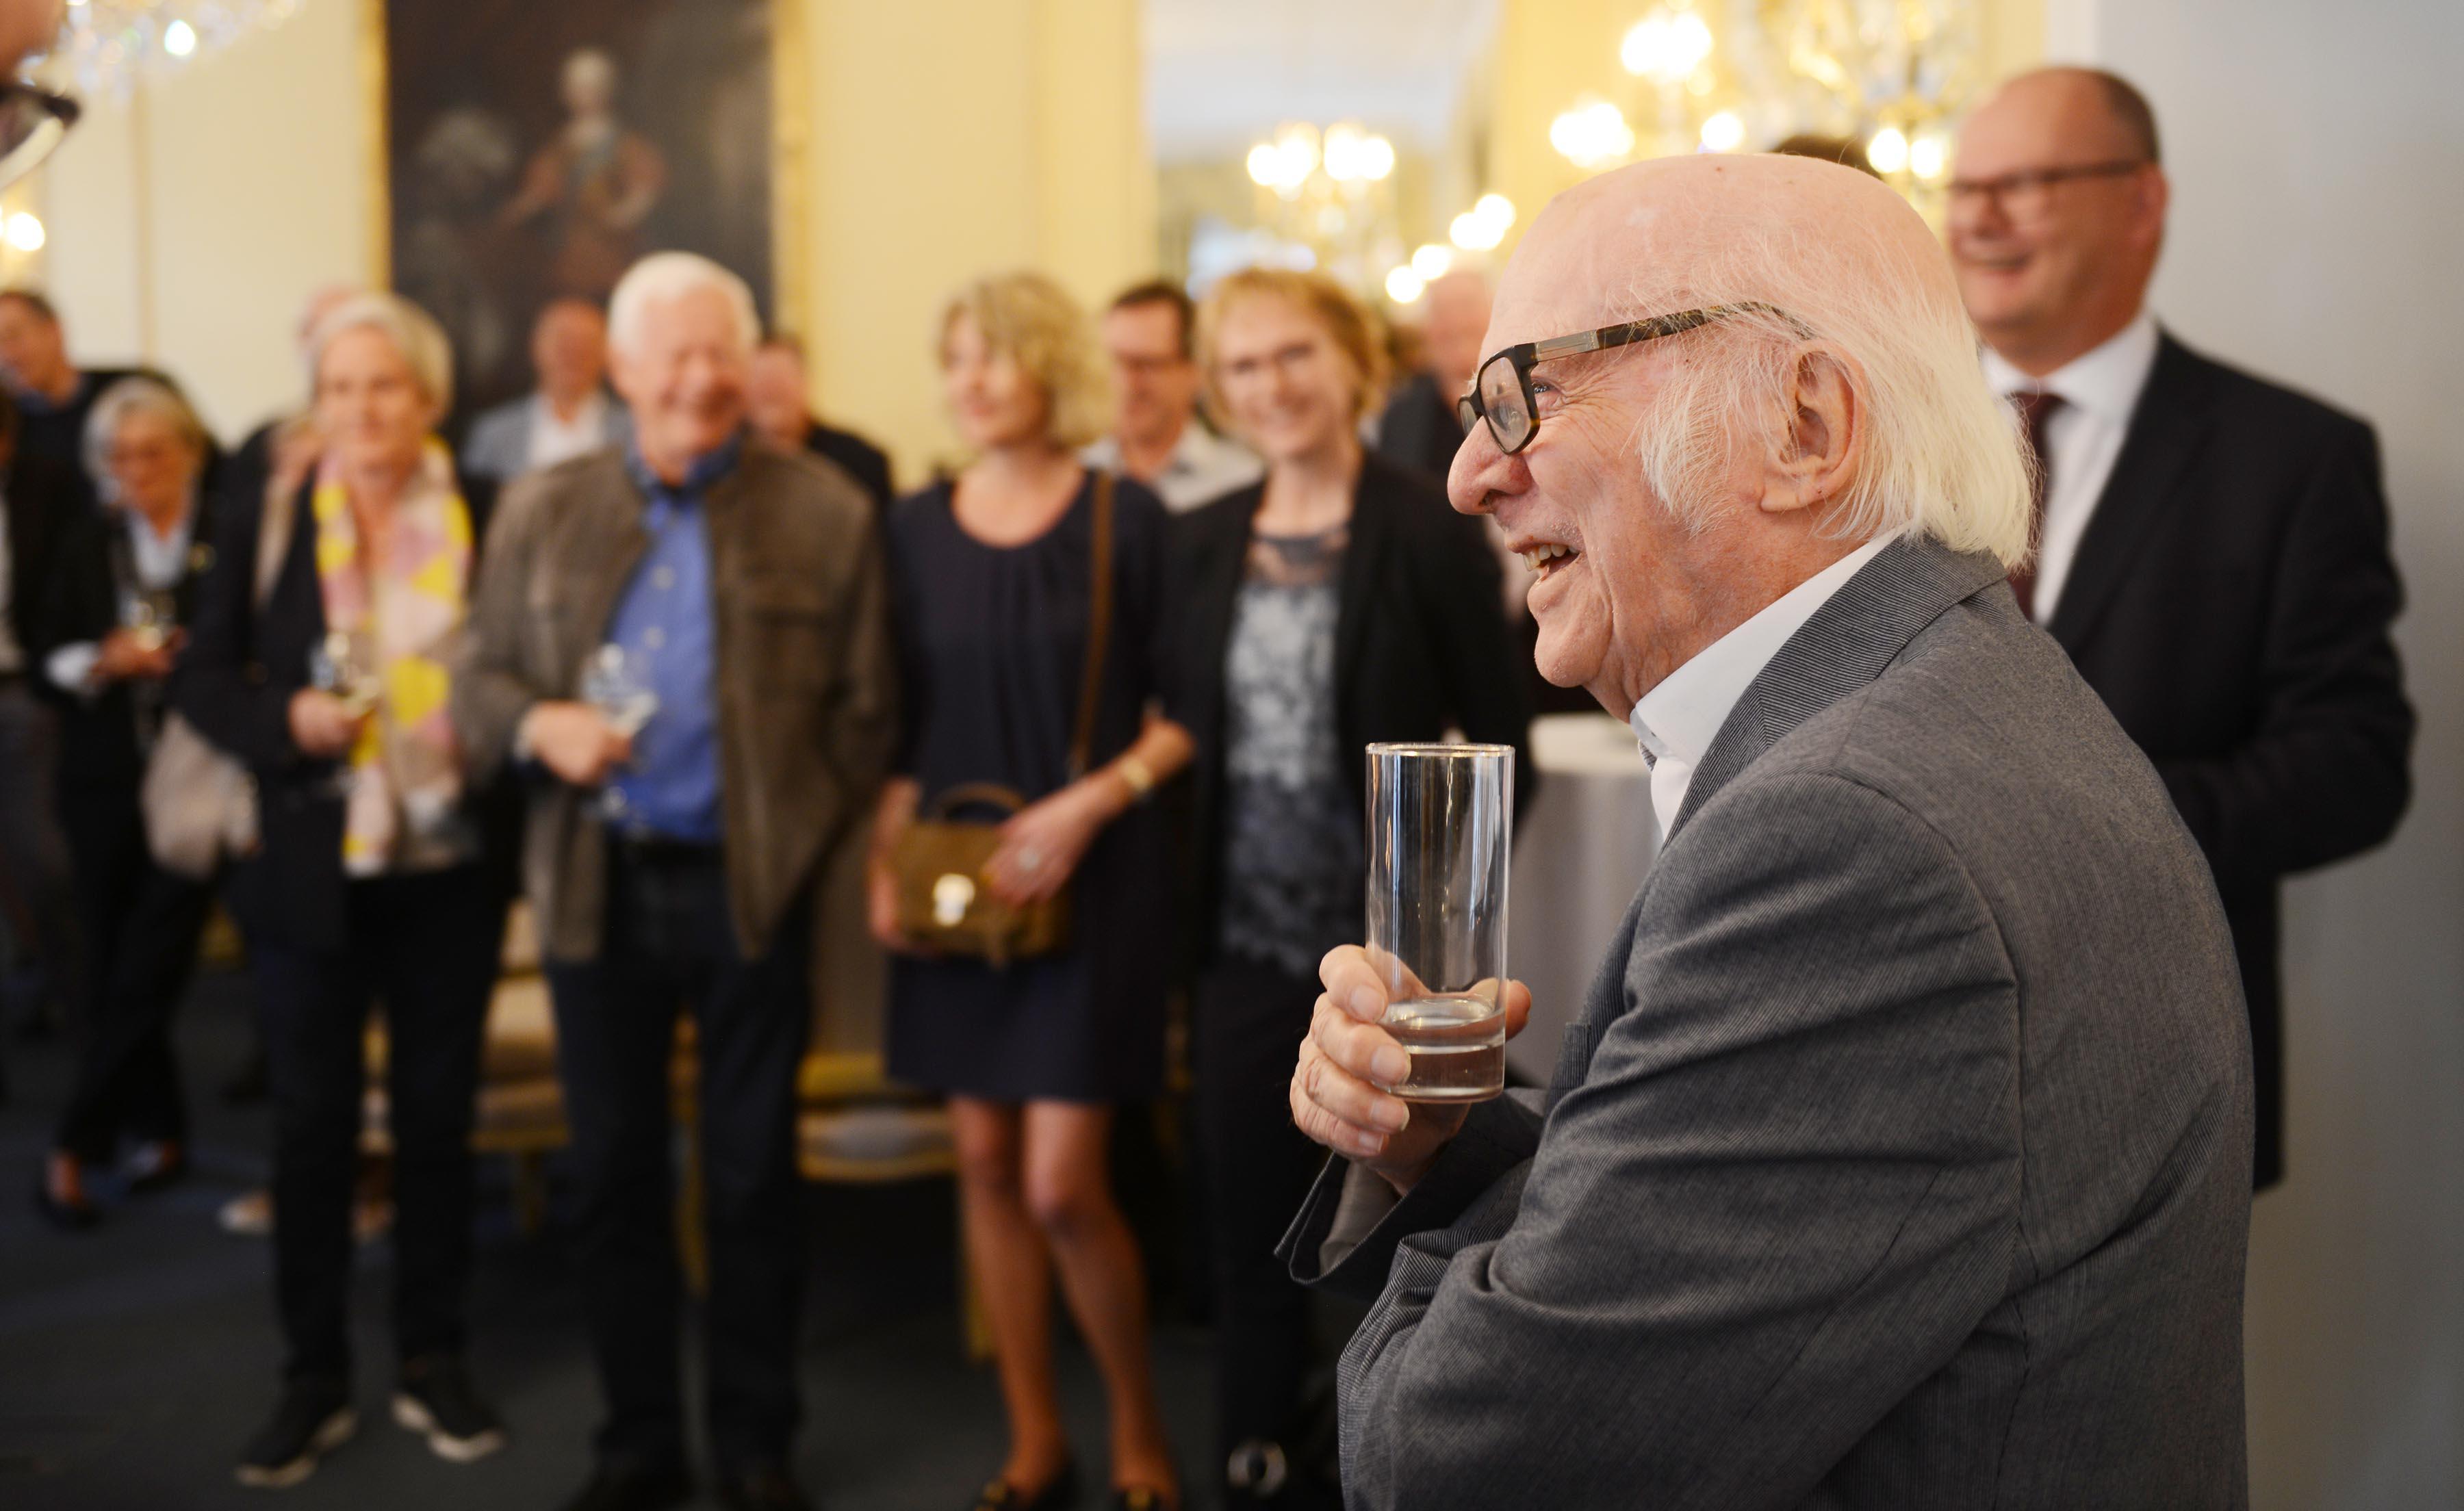 Ejvind Olesen lytter til en af de mange taler under hans reception på Phoenix-hotellet i Bredgade. (Foto: Joakim J. Hvistendahl)